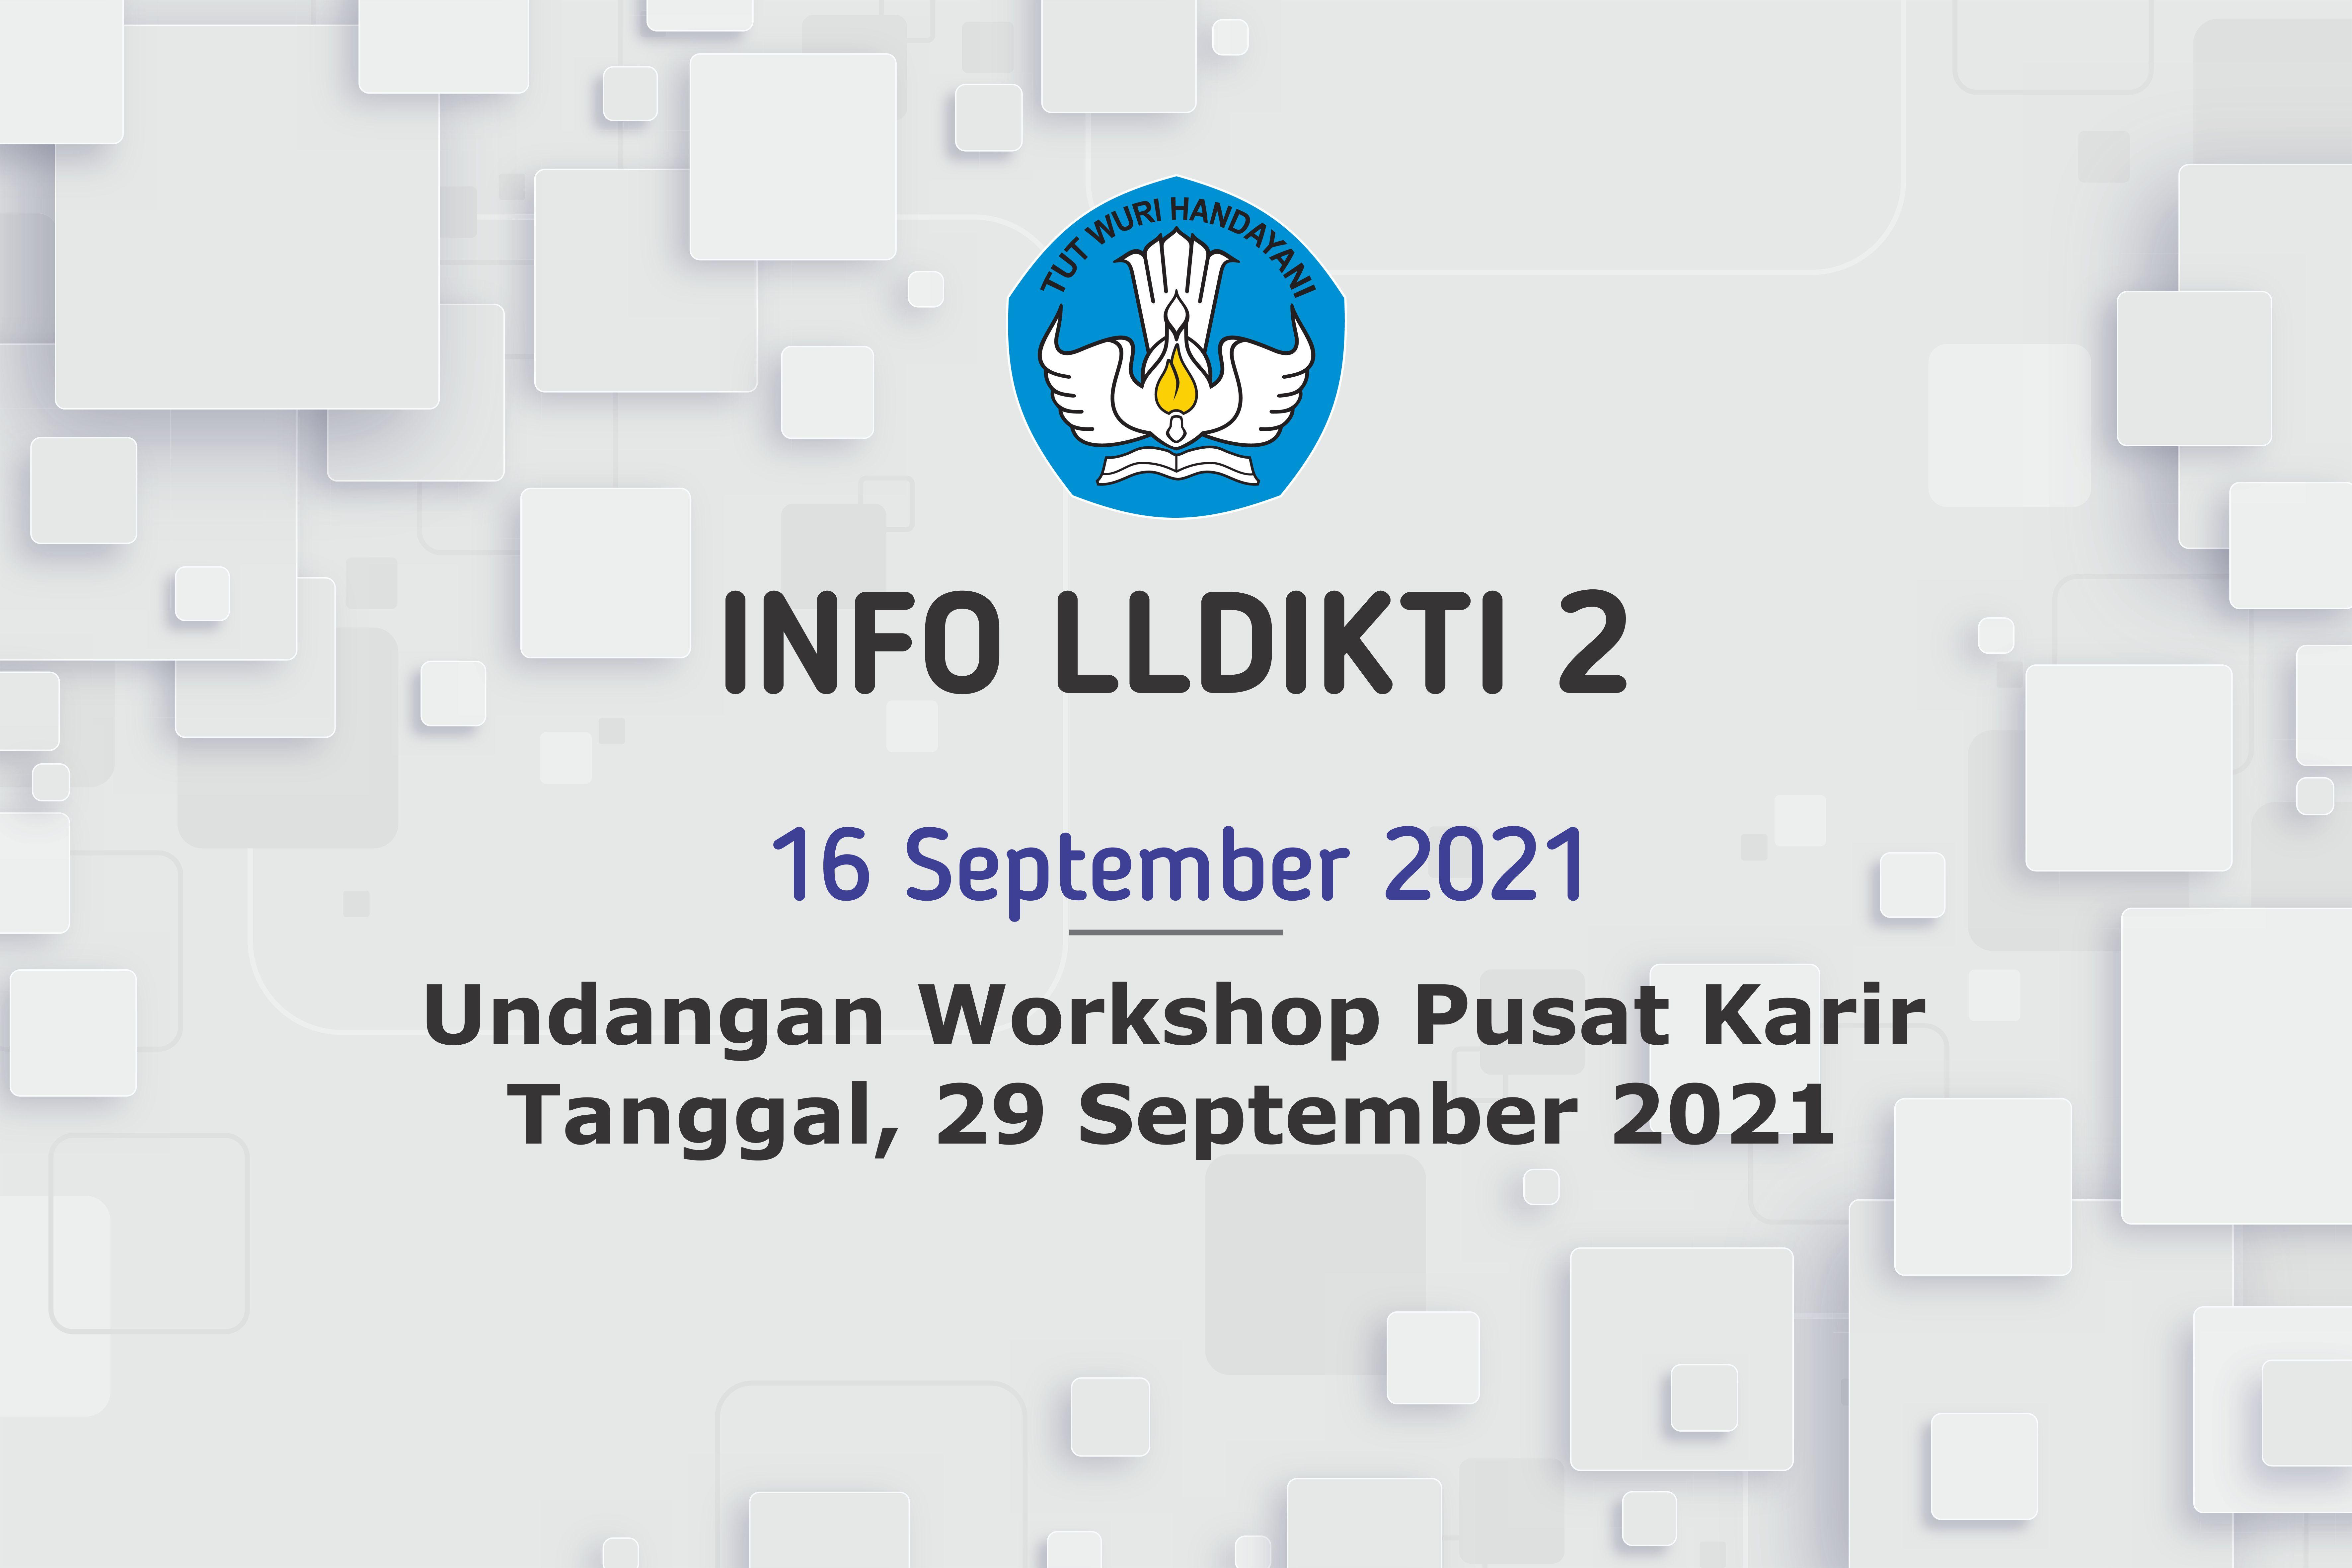 Undangan Workshop Pusat Karir Tanggal, 29 September 2021